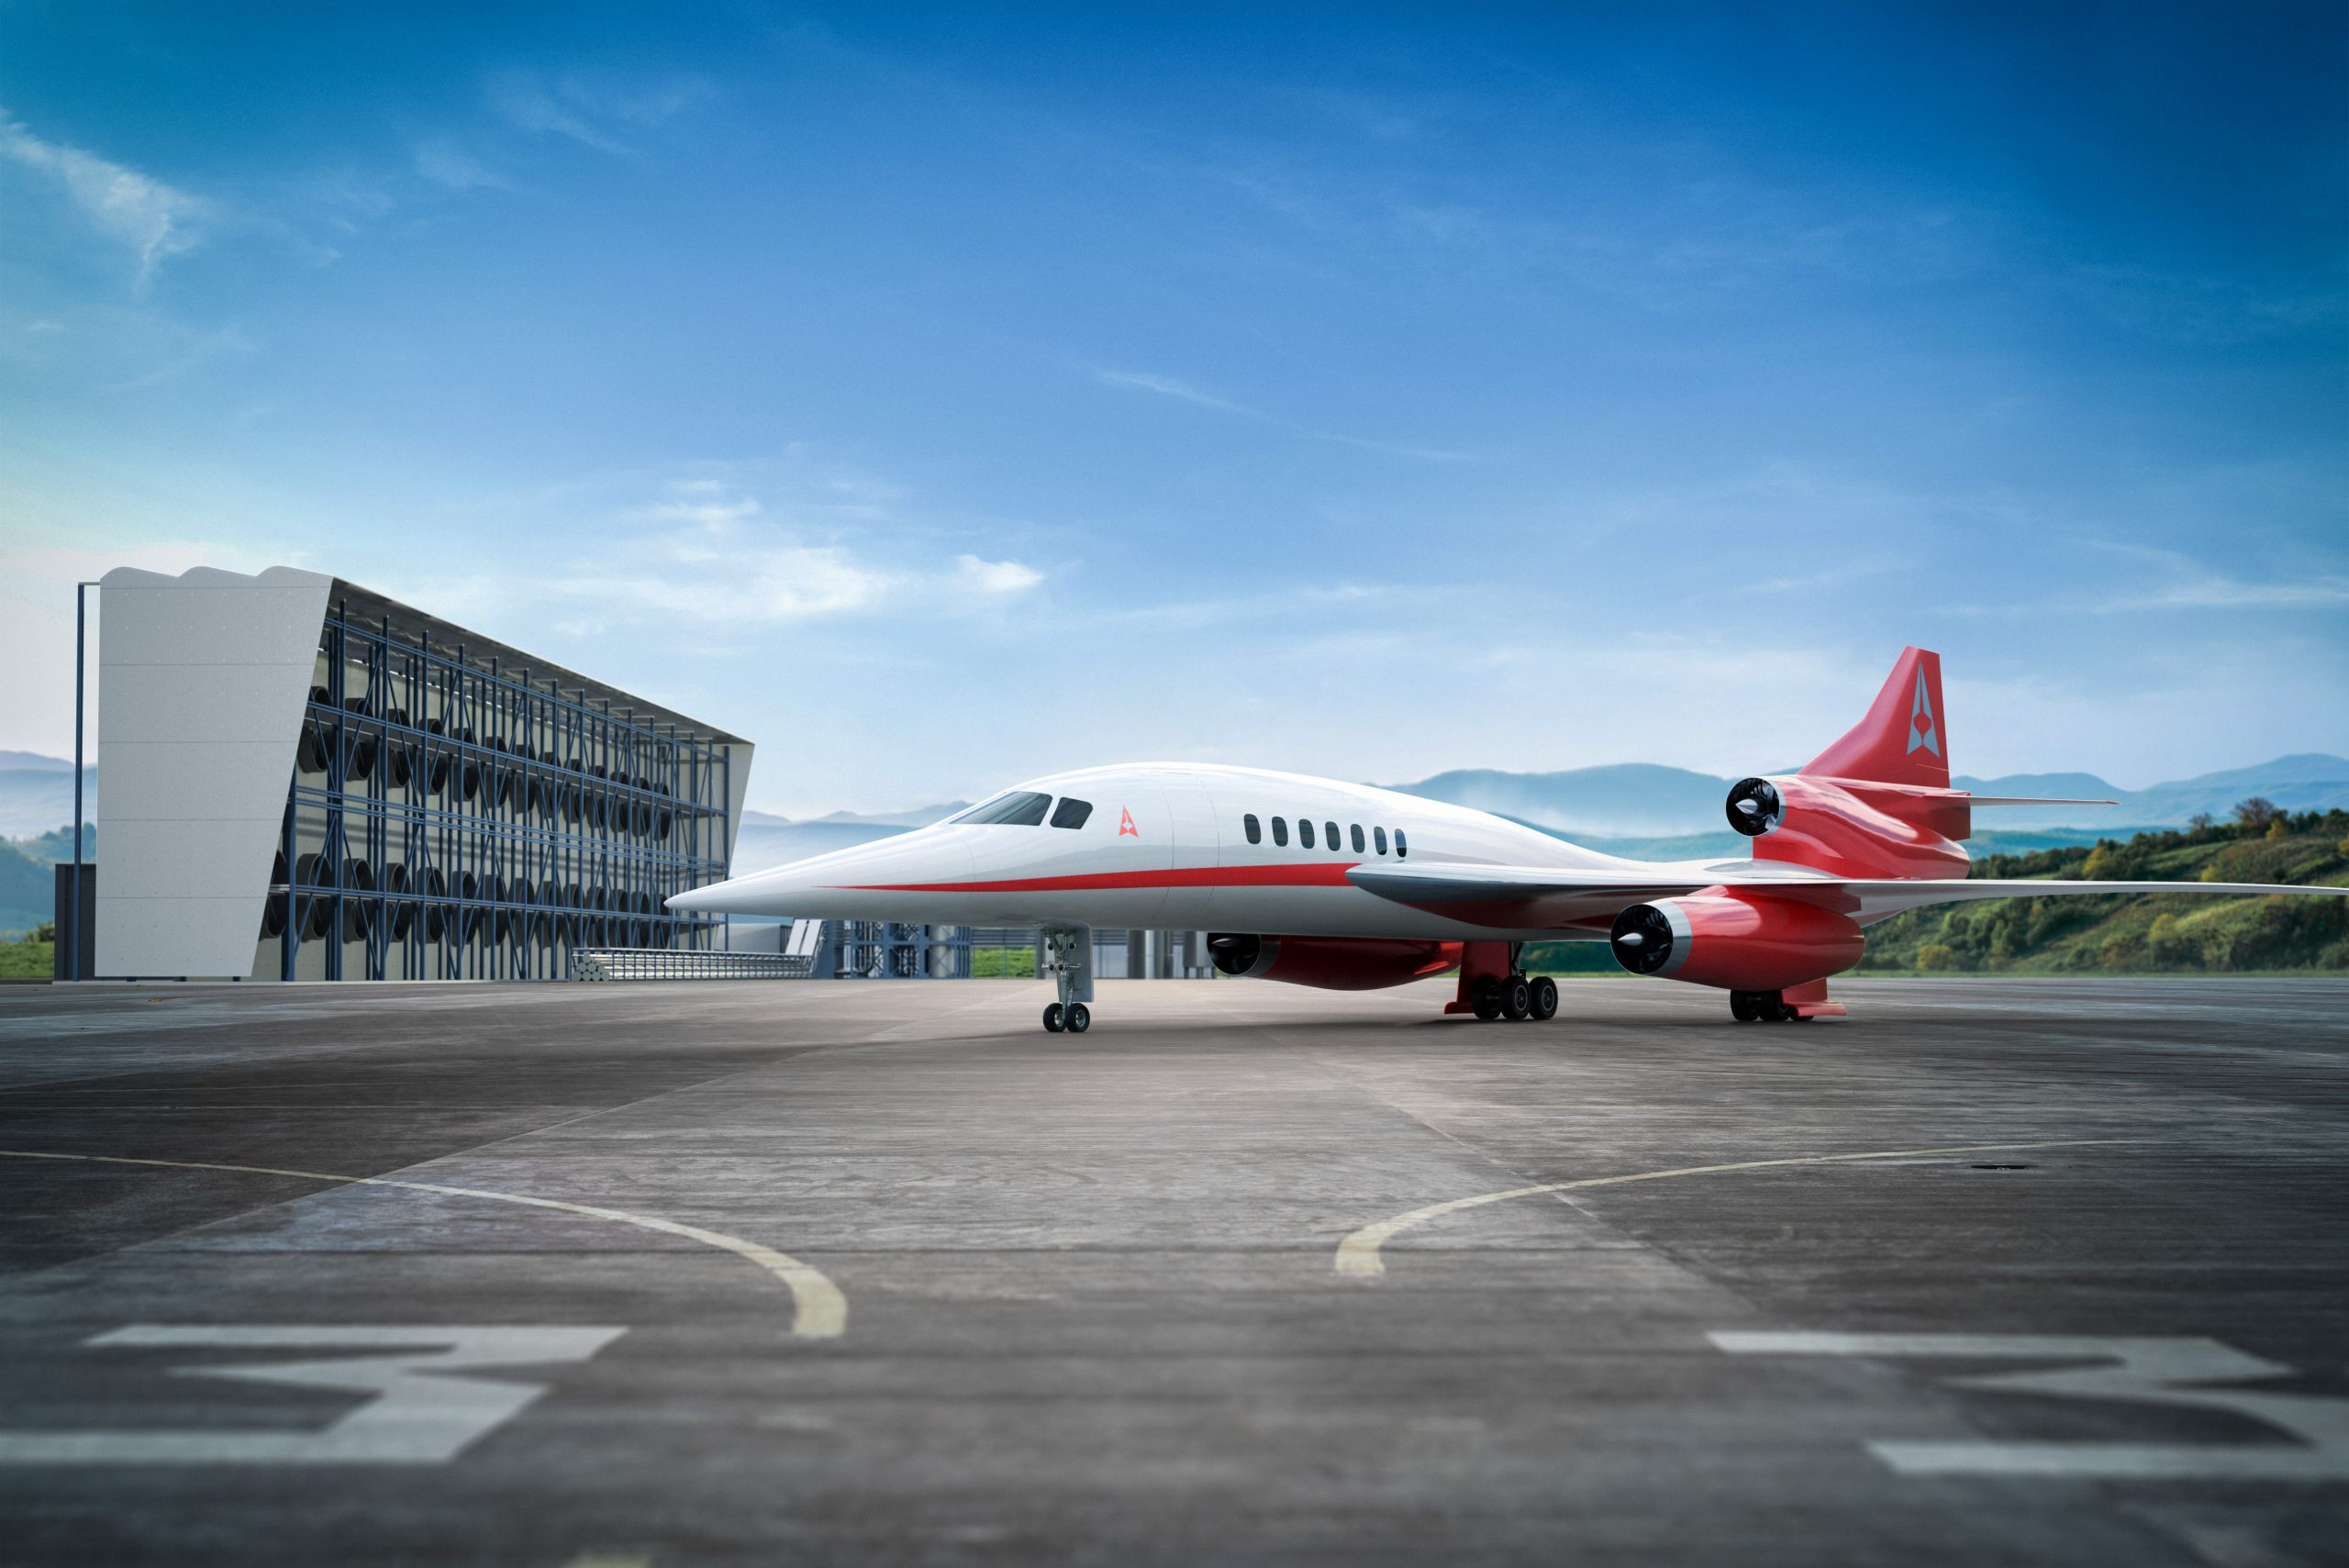 航空機の排出削減に新たな動き、炭素中立な商用飛行は実現可能か